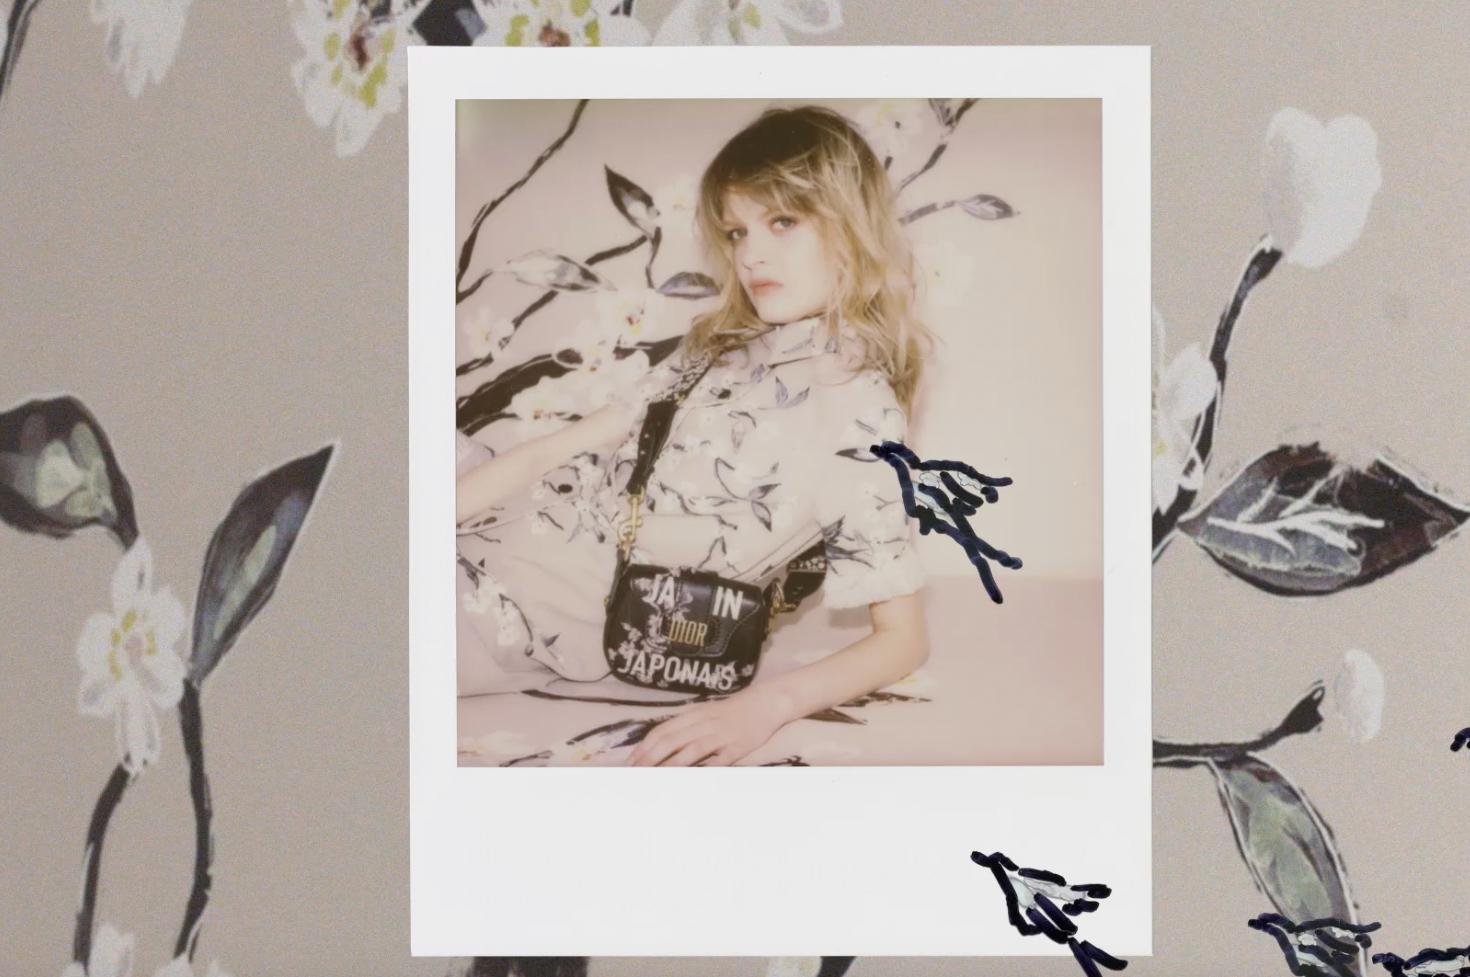 """""""J'Adior Japan"""" lautet der Titel der Capsule Collection, welche eigens zum Opening des Dior-Stores in Ginza Six entworfen wurde. Zarte Blüten und auffällige Schriftzüge zieren die Entwürfe und Accessoires, welche auch hierzulande Begehrlichkeiten wecken..."""